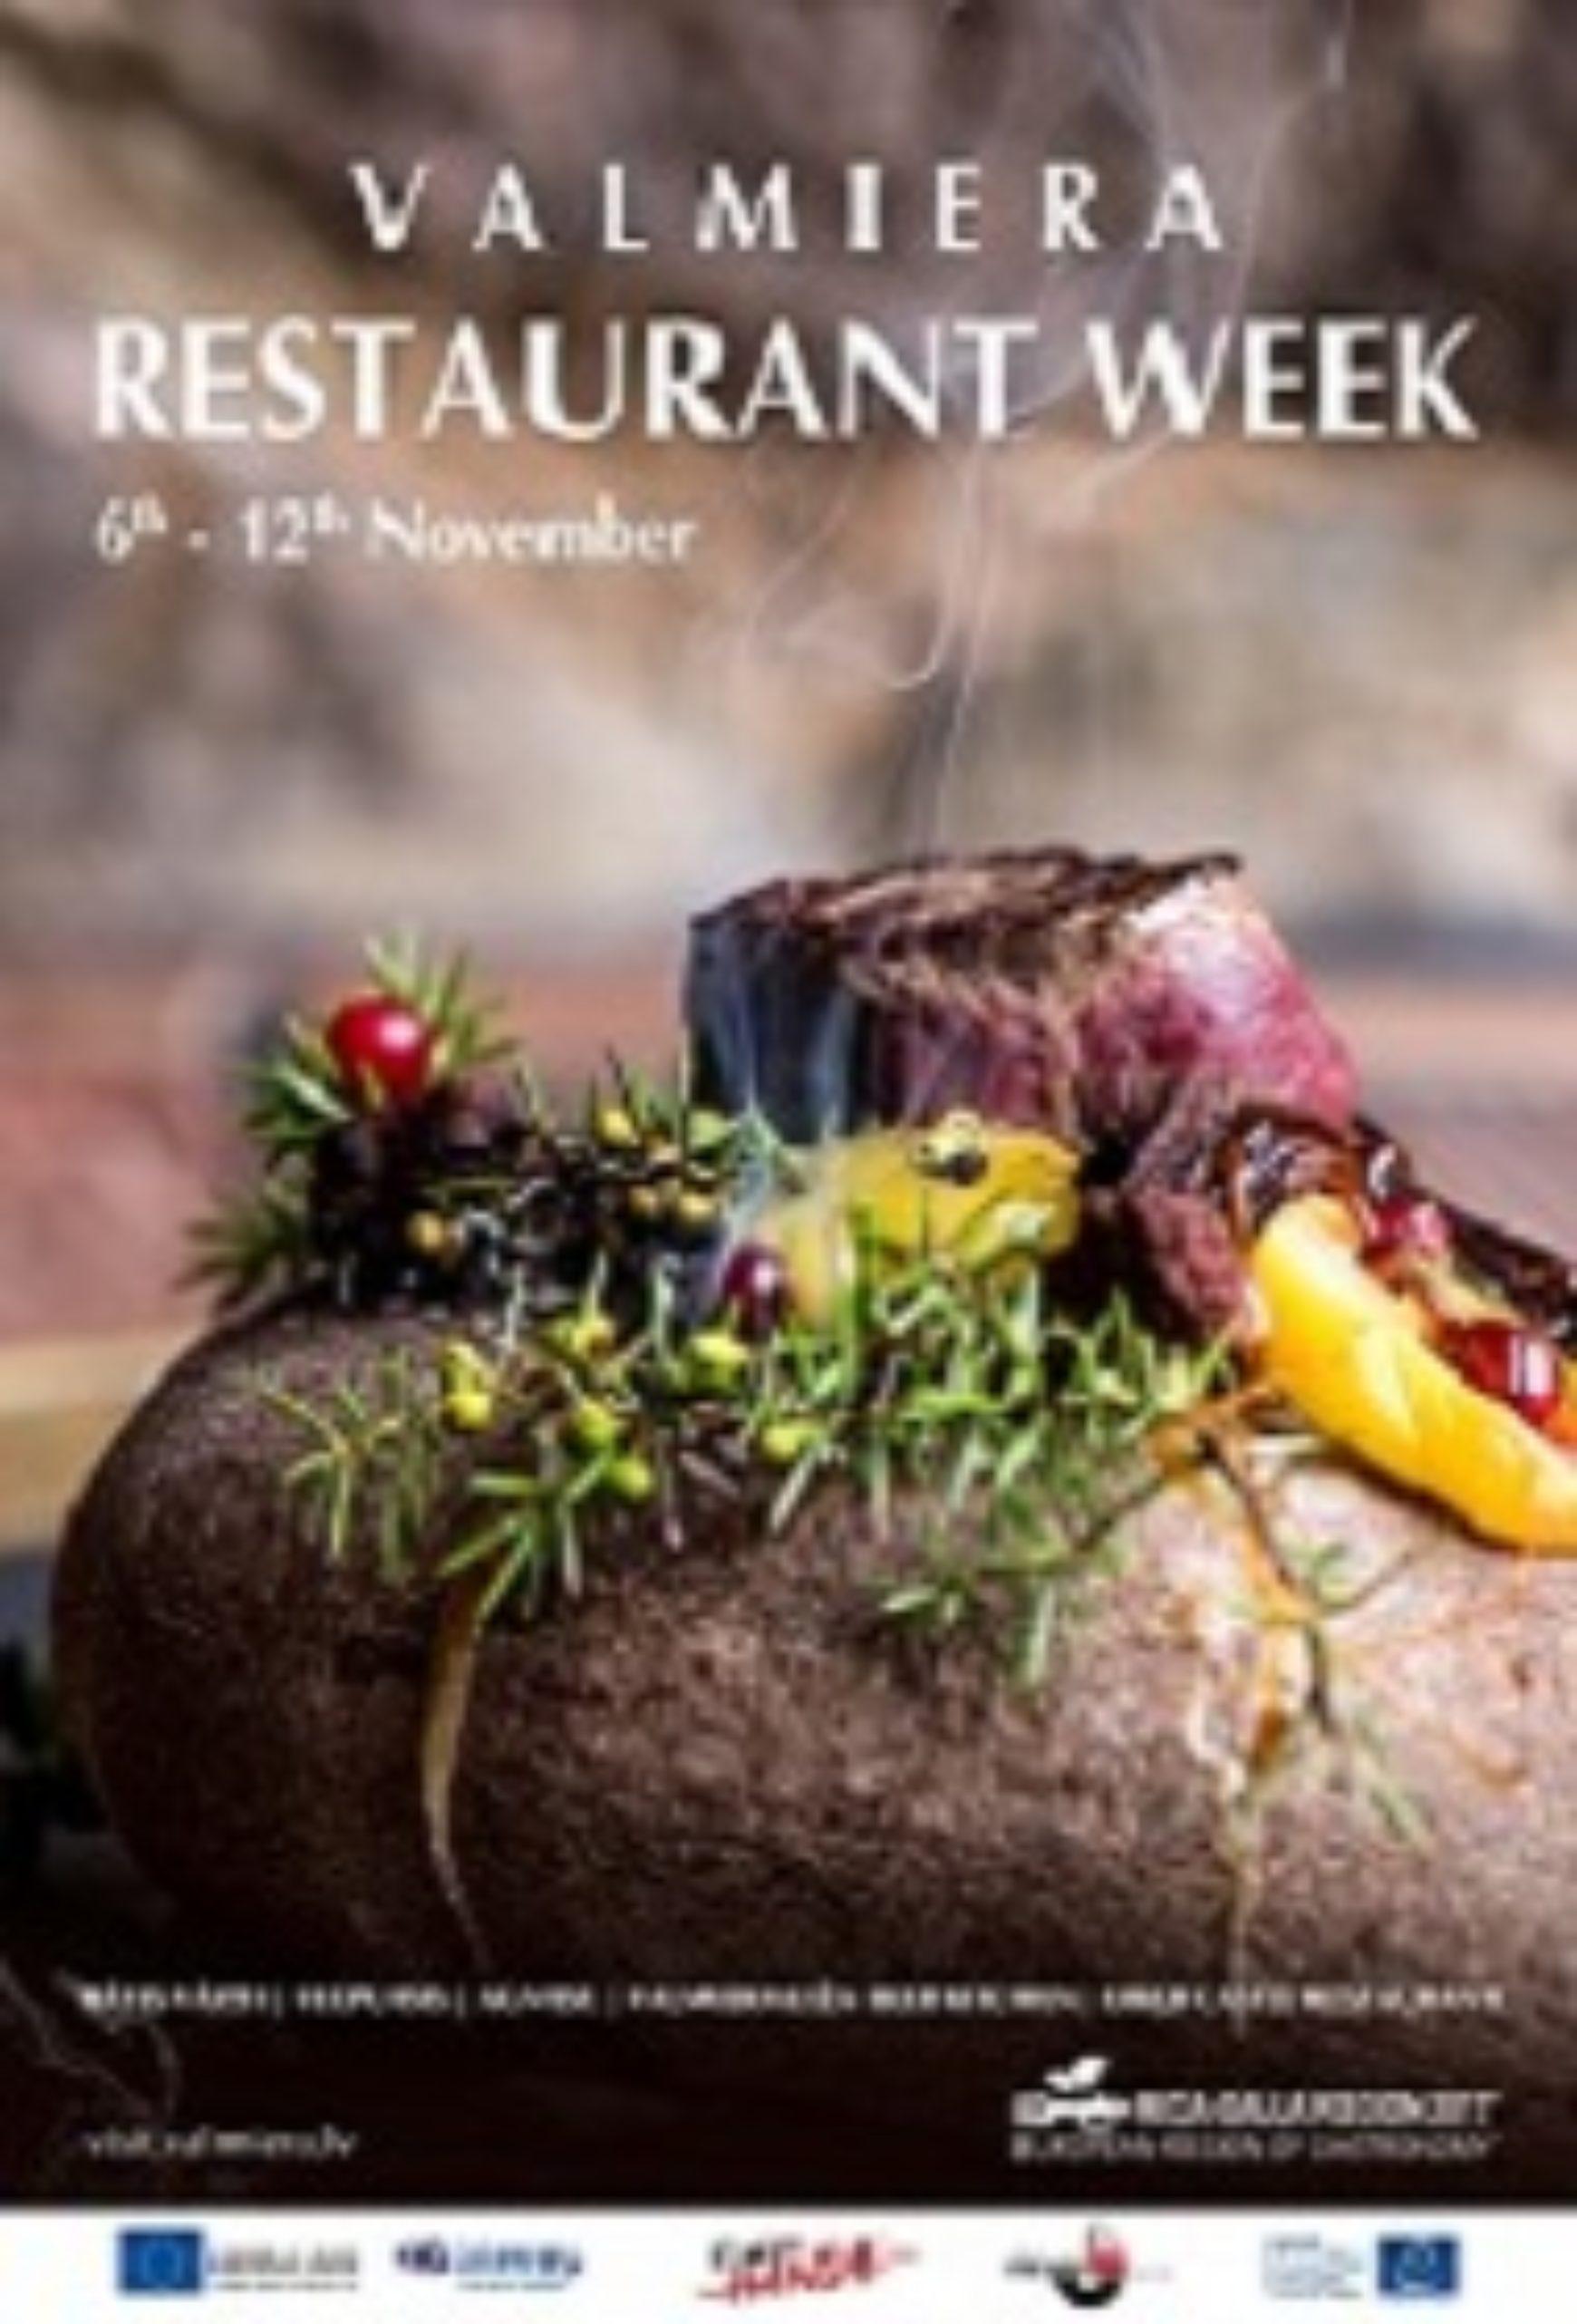 Valmiera Restaurant Week Riga-Gauja Region